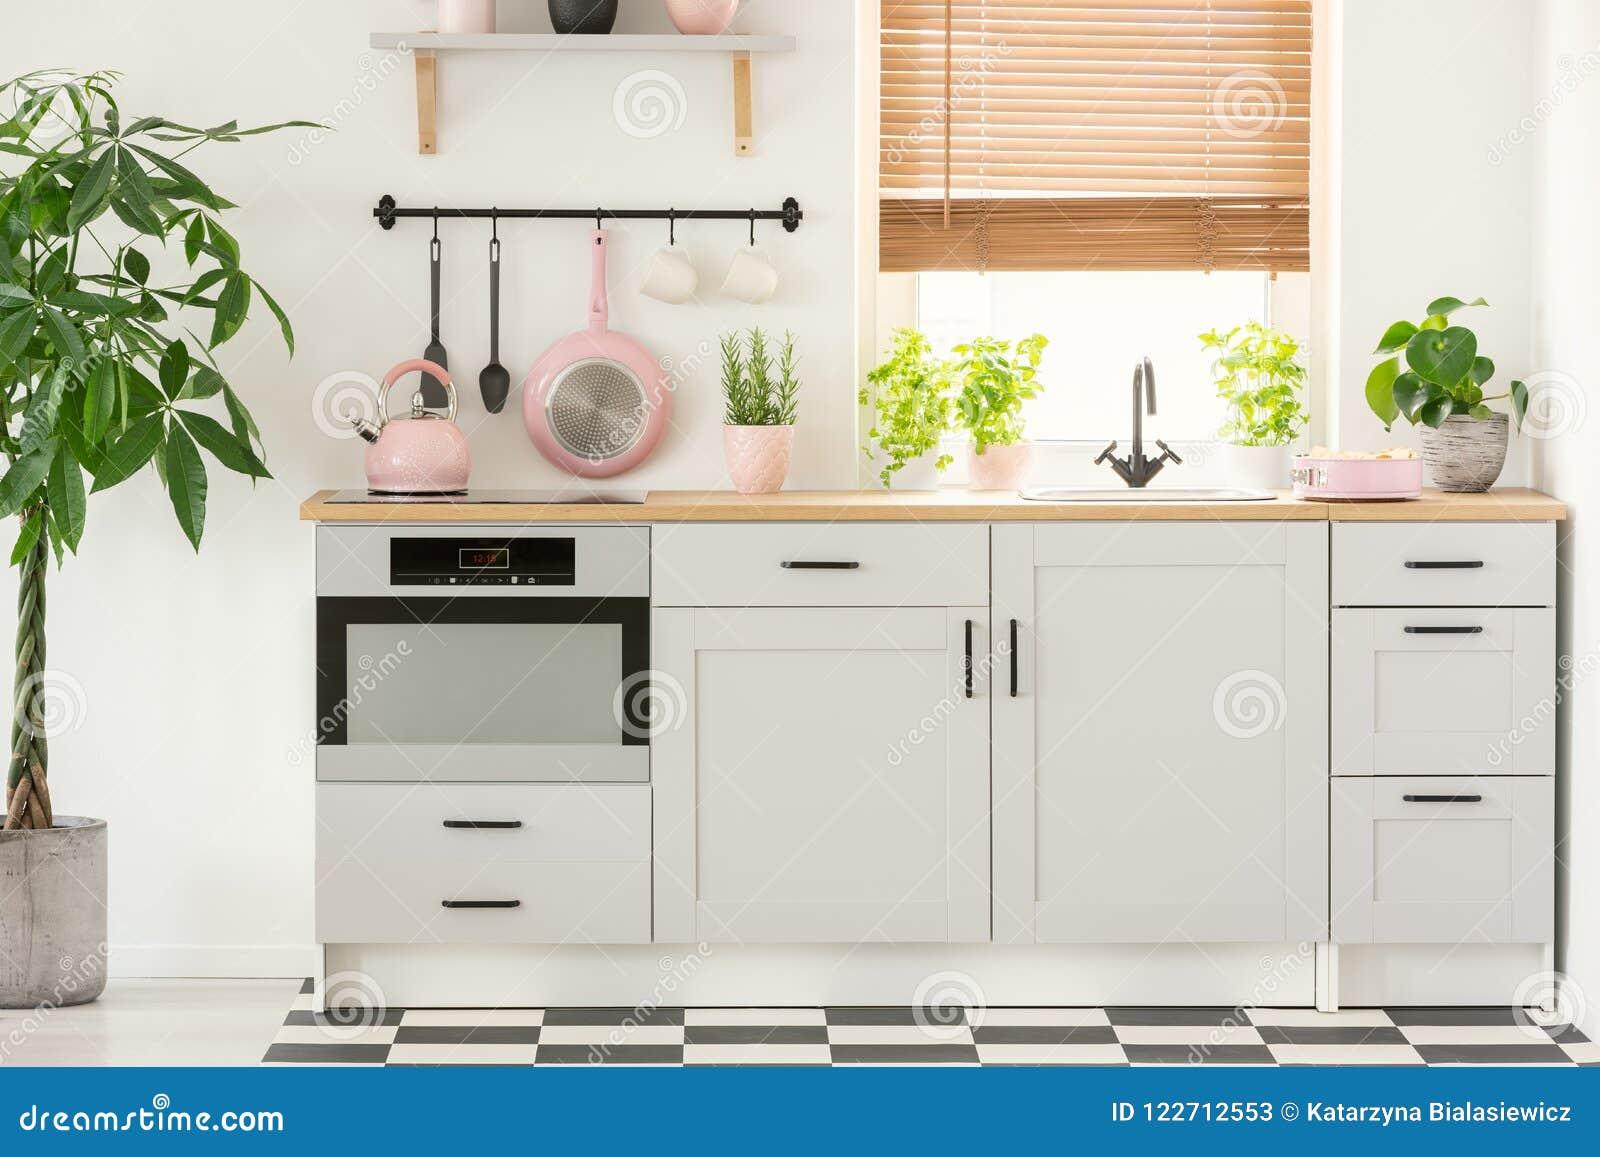 Pentola e bollitore in un bello interno della cucina con gli armadietti semplici e bianchi e lavandino di rosa pastello dalla fin